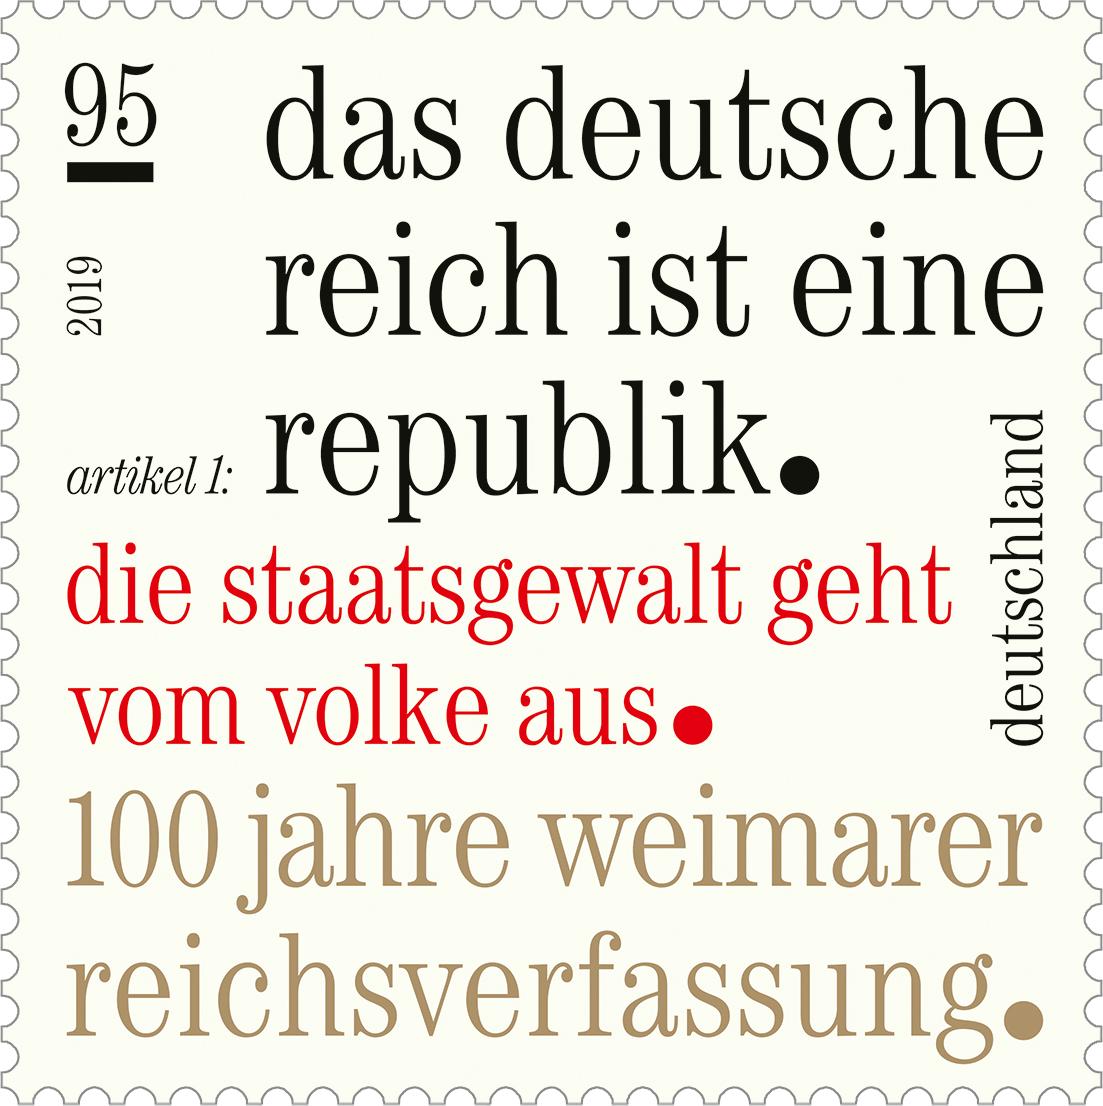 https://www.borek.de/briefmarke-100-jahre-weimarer-reichsverfassung